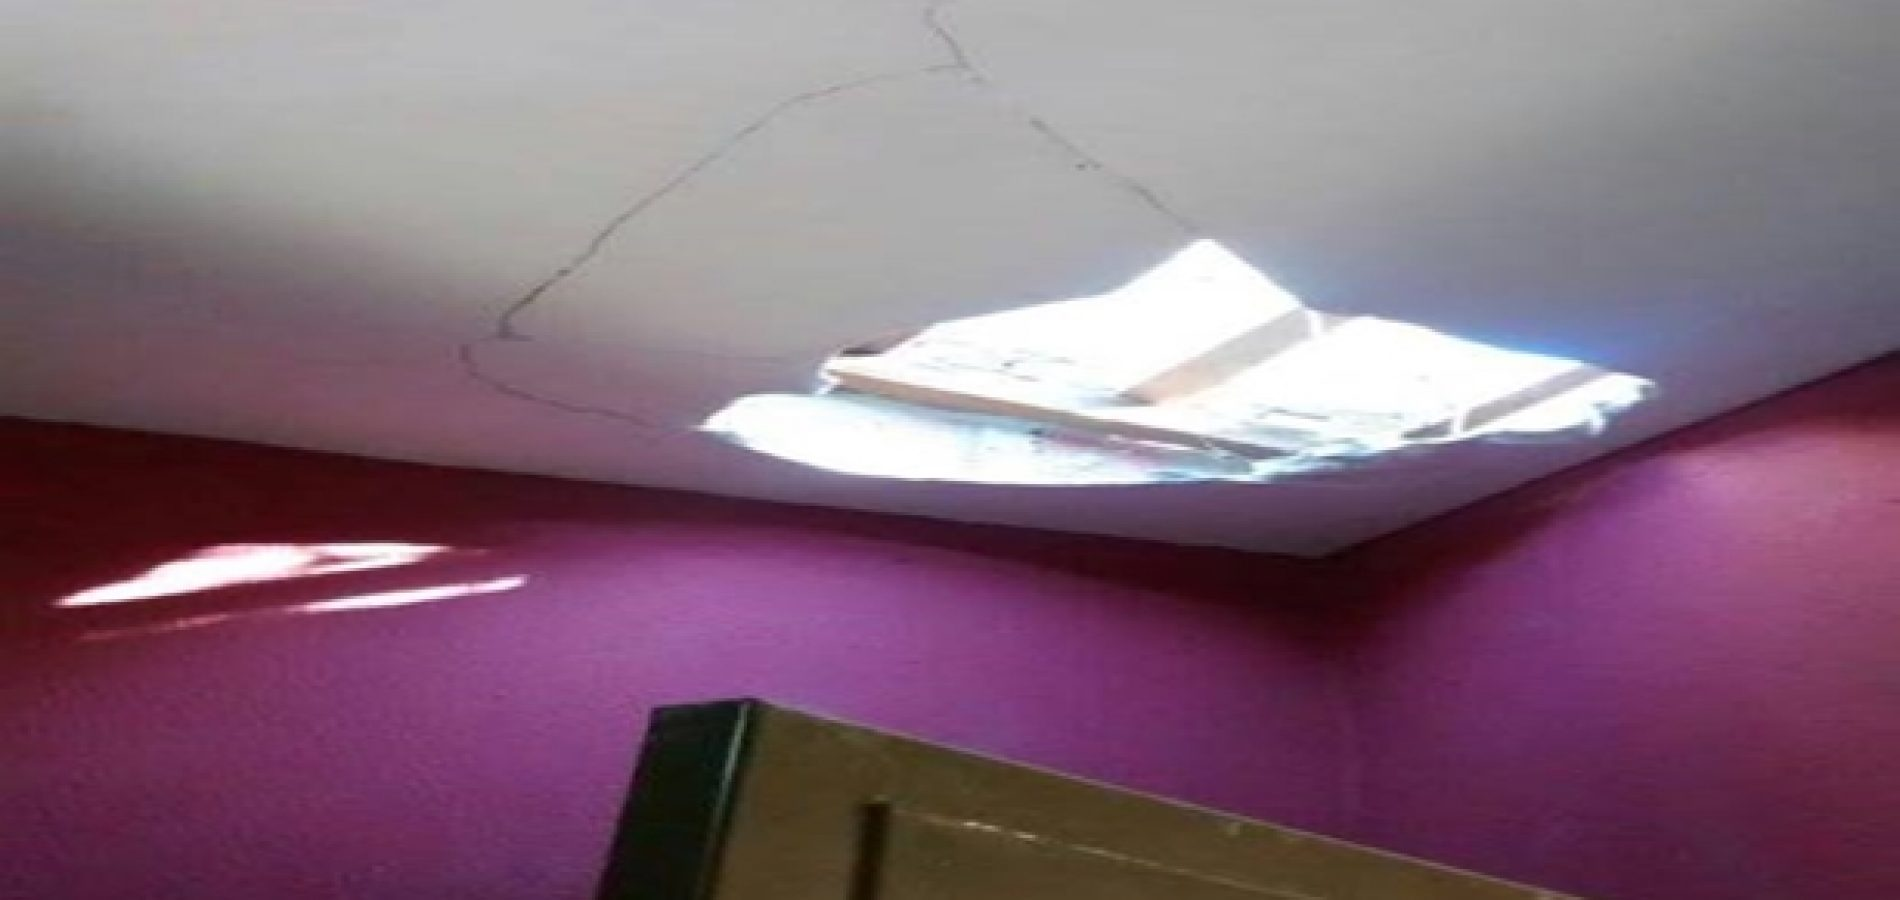 Bandidos arrombam loja e furtam R$ 10 mil em produtos no Piauí